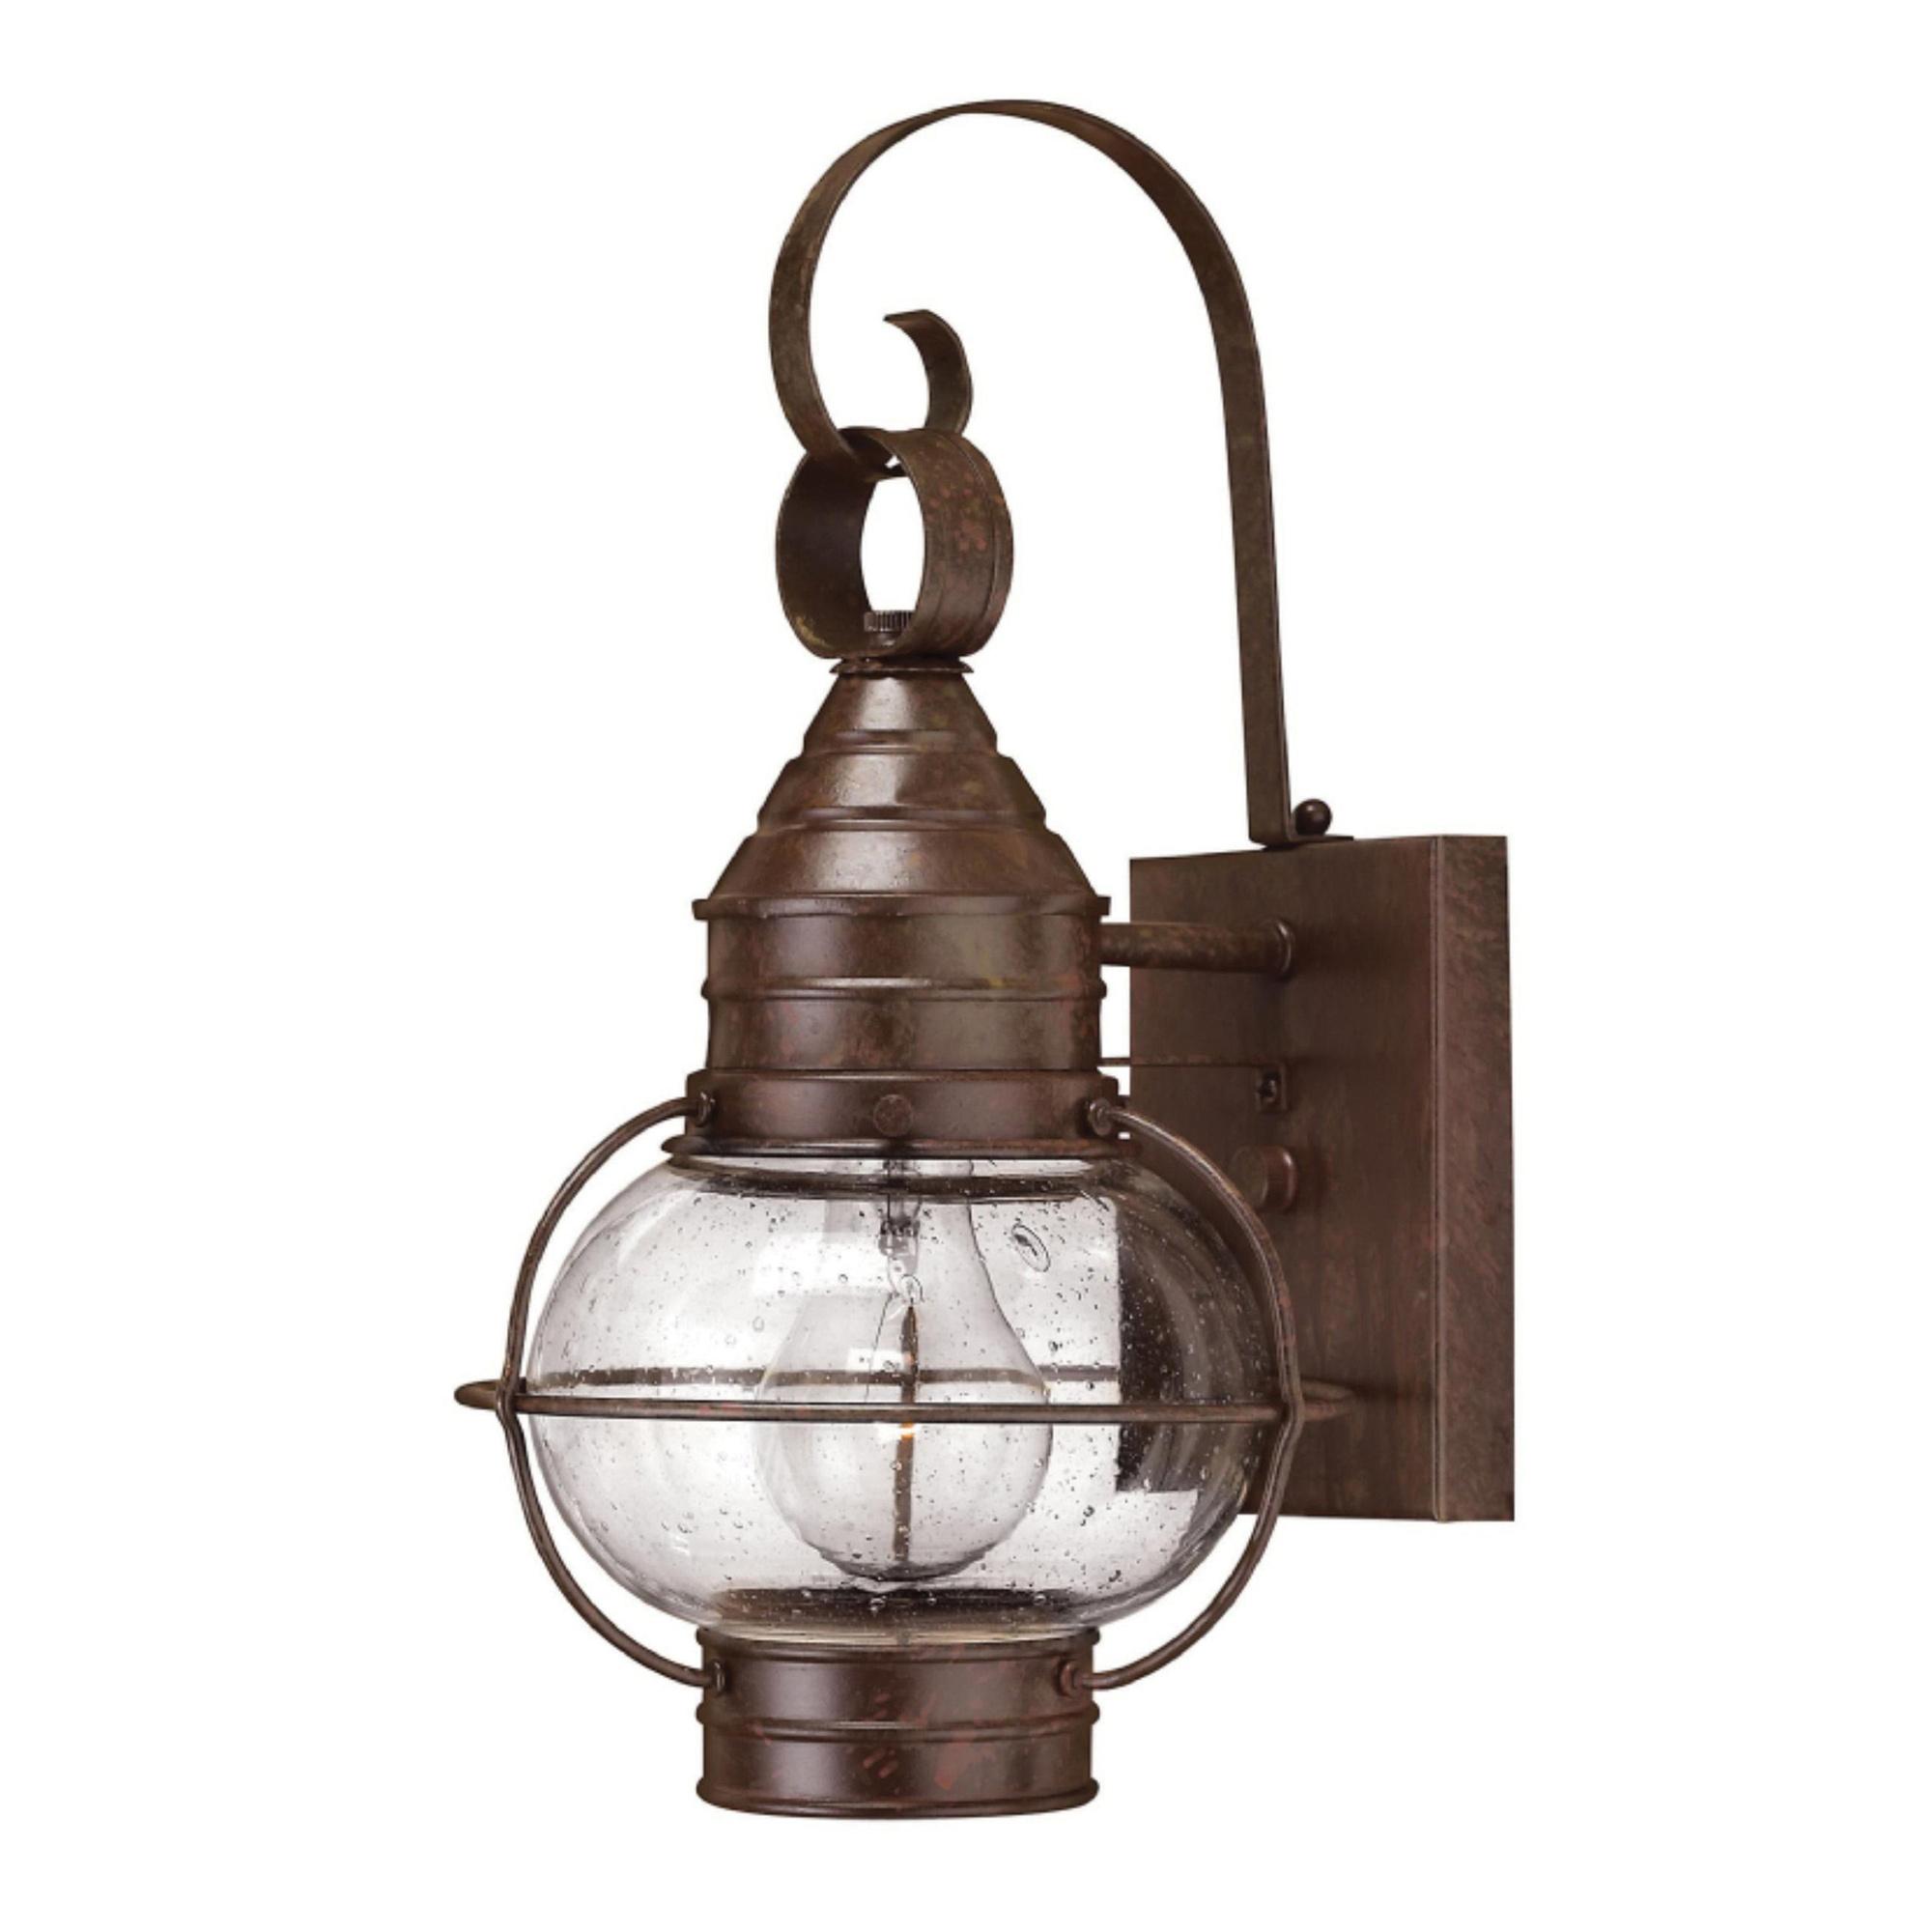 Hinkley Lighting 2206sz 1 Light Wall Lantern 60 Watt 120